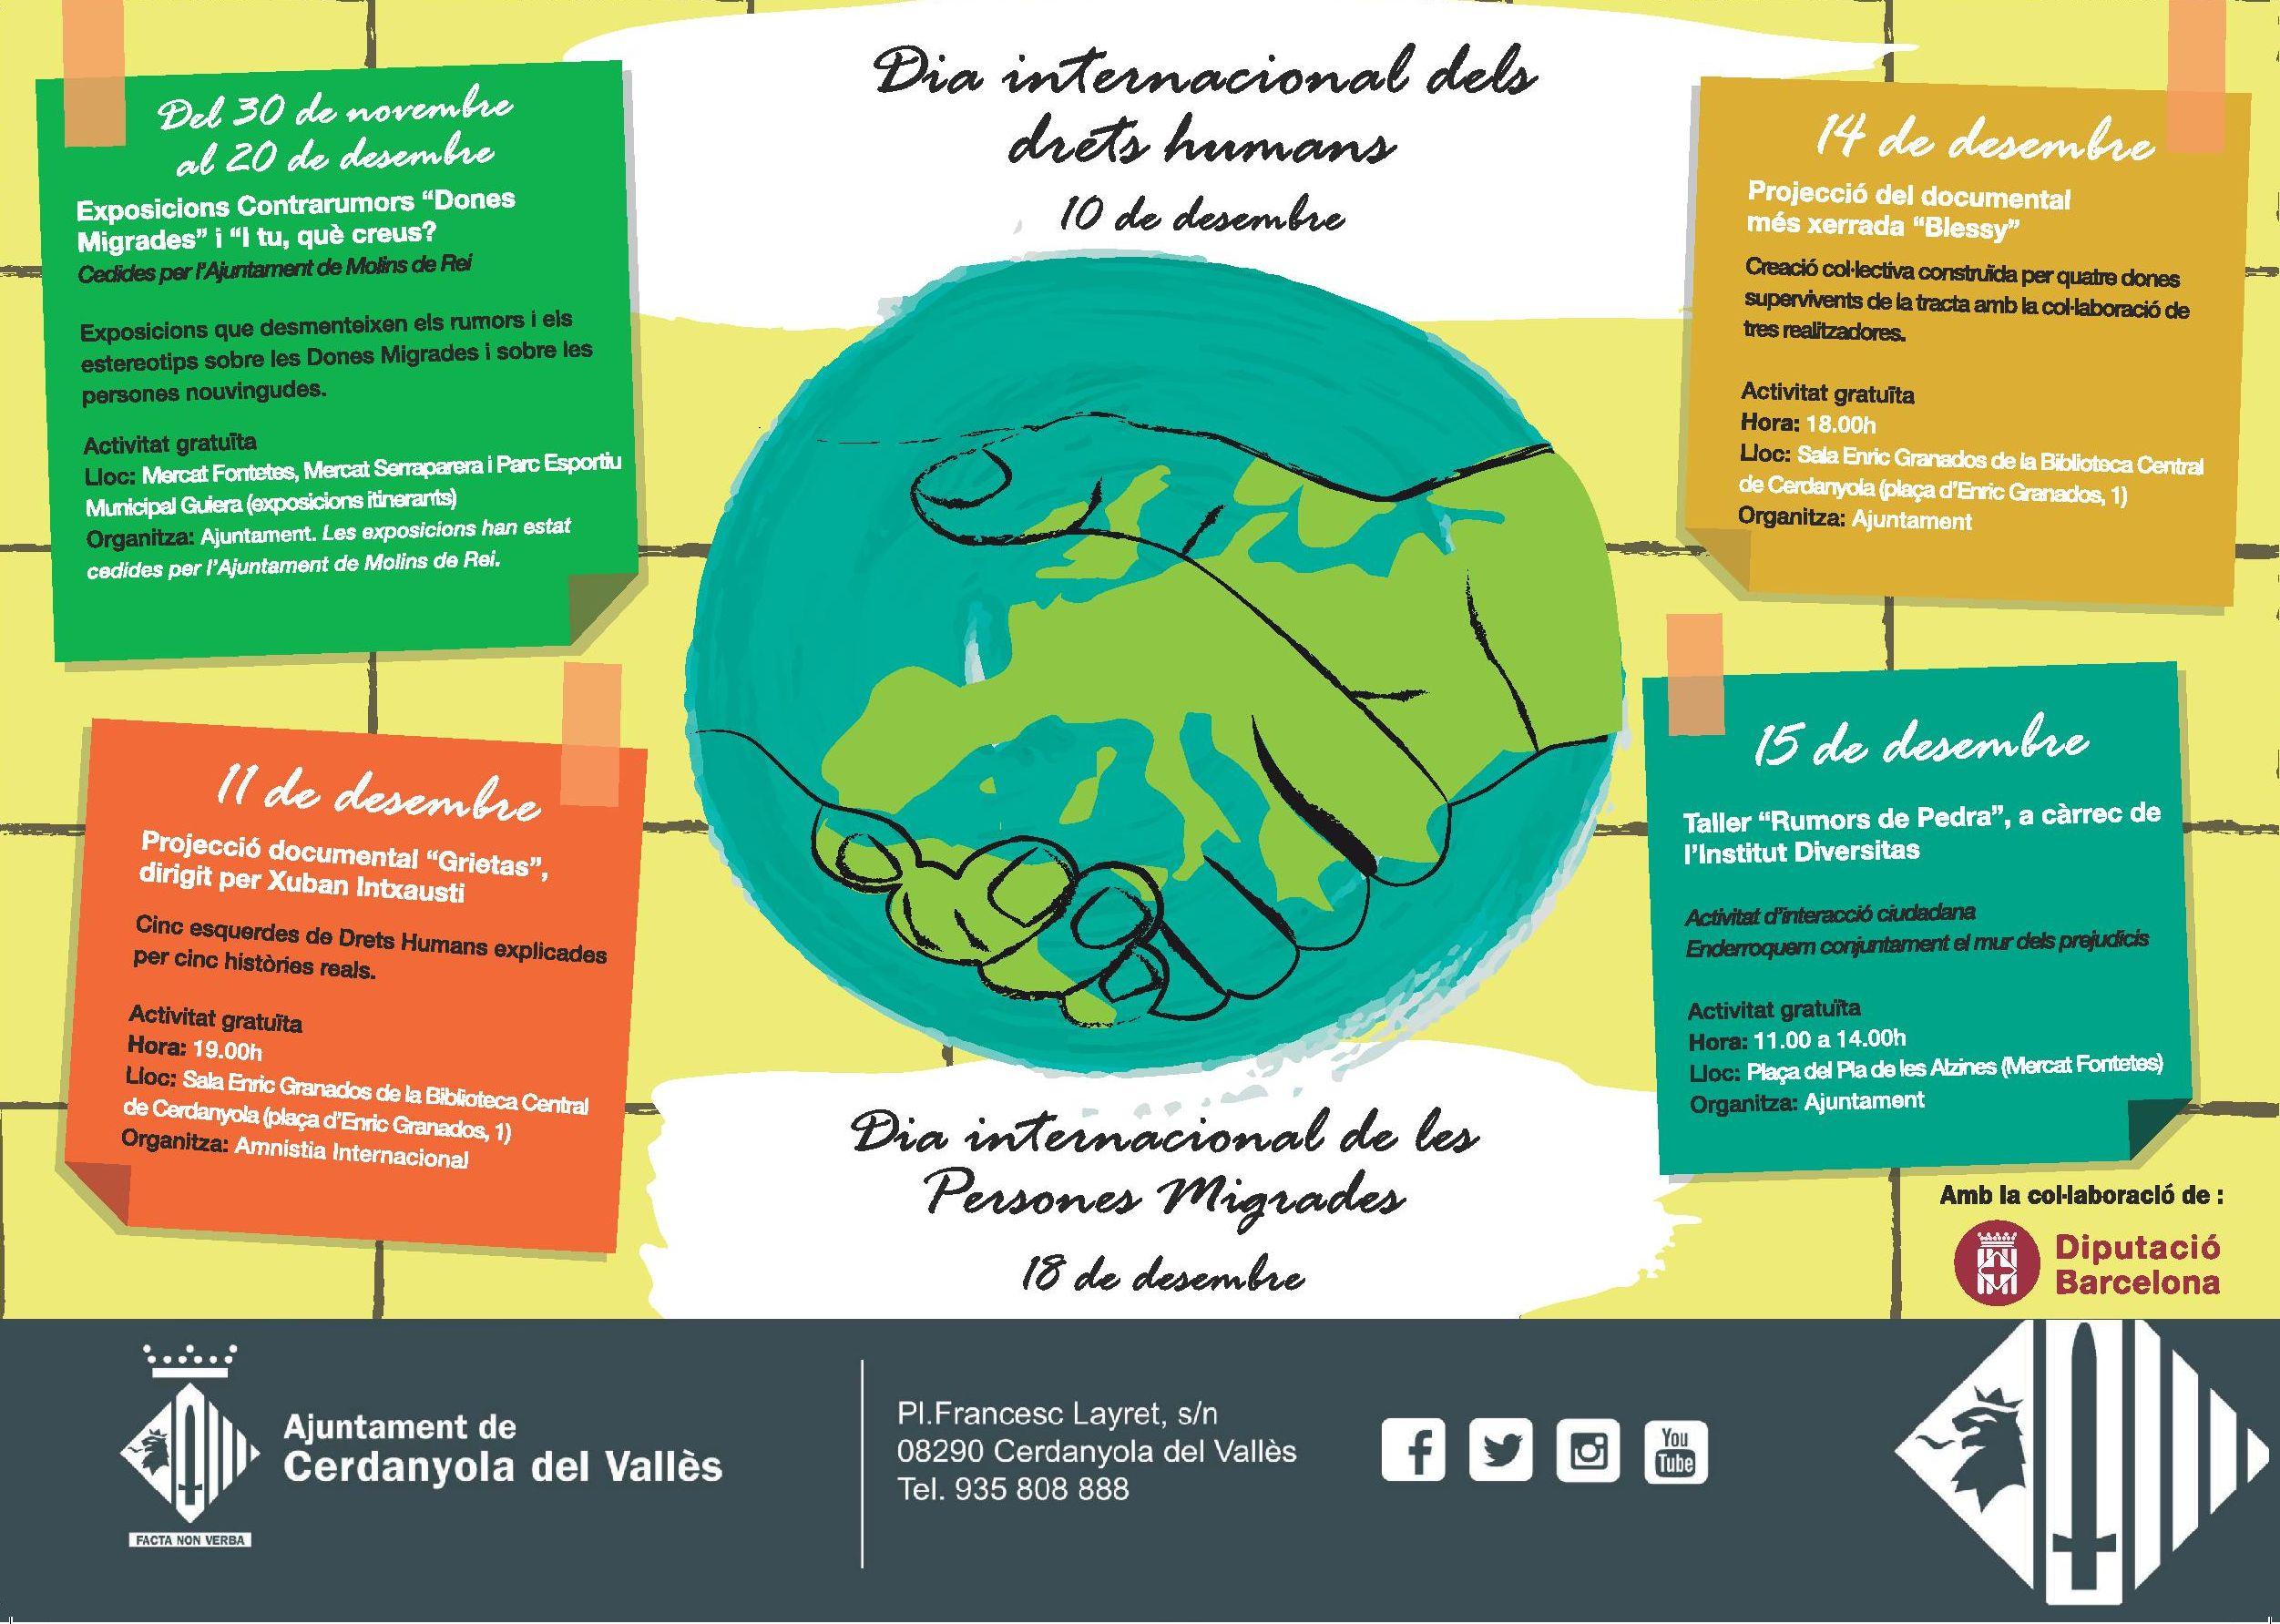 Cartell del Dies Internacionals dels Drets Humans i de les Persones Migrades